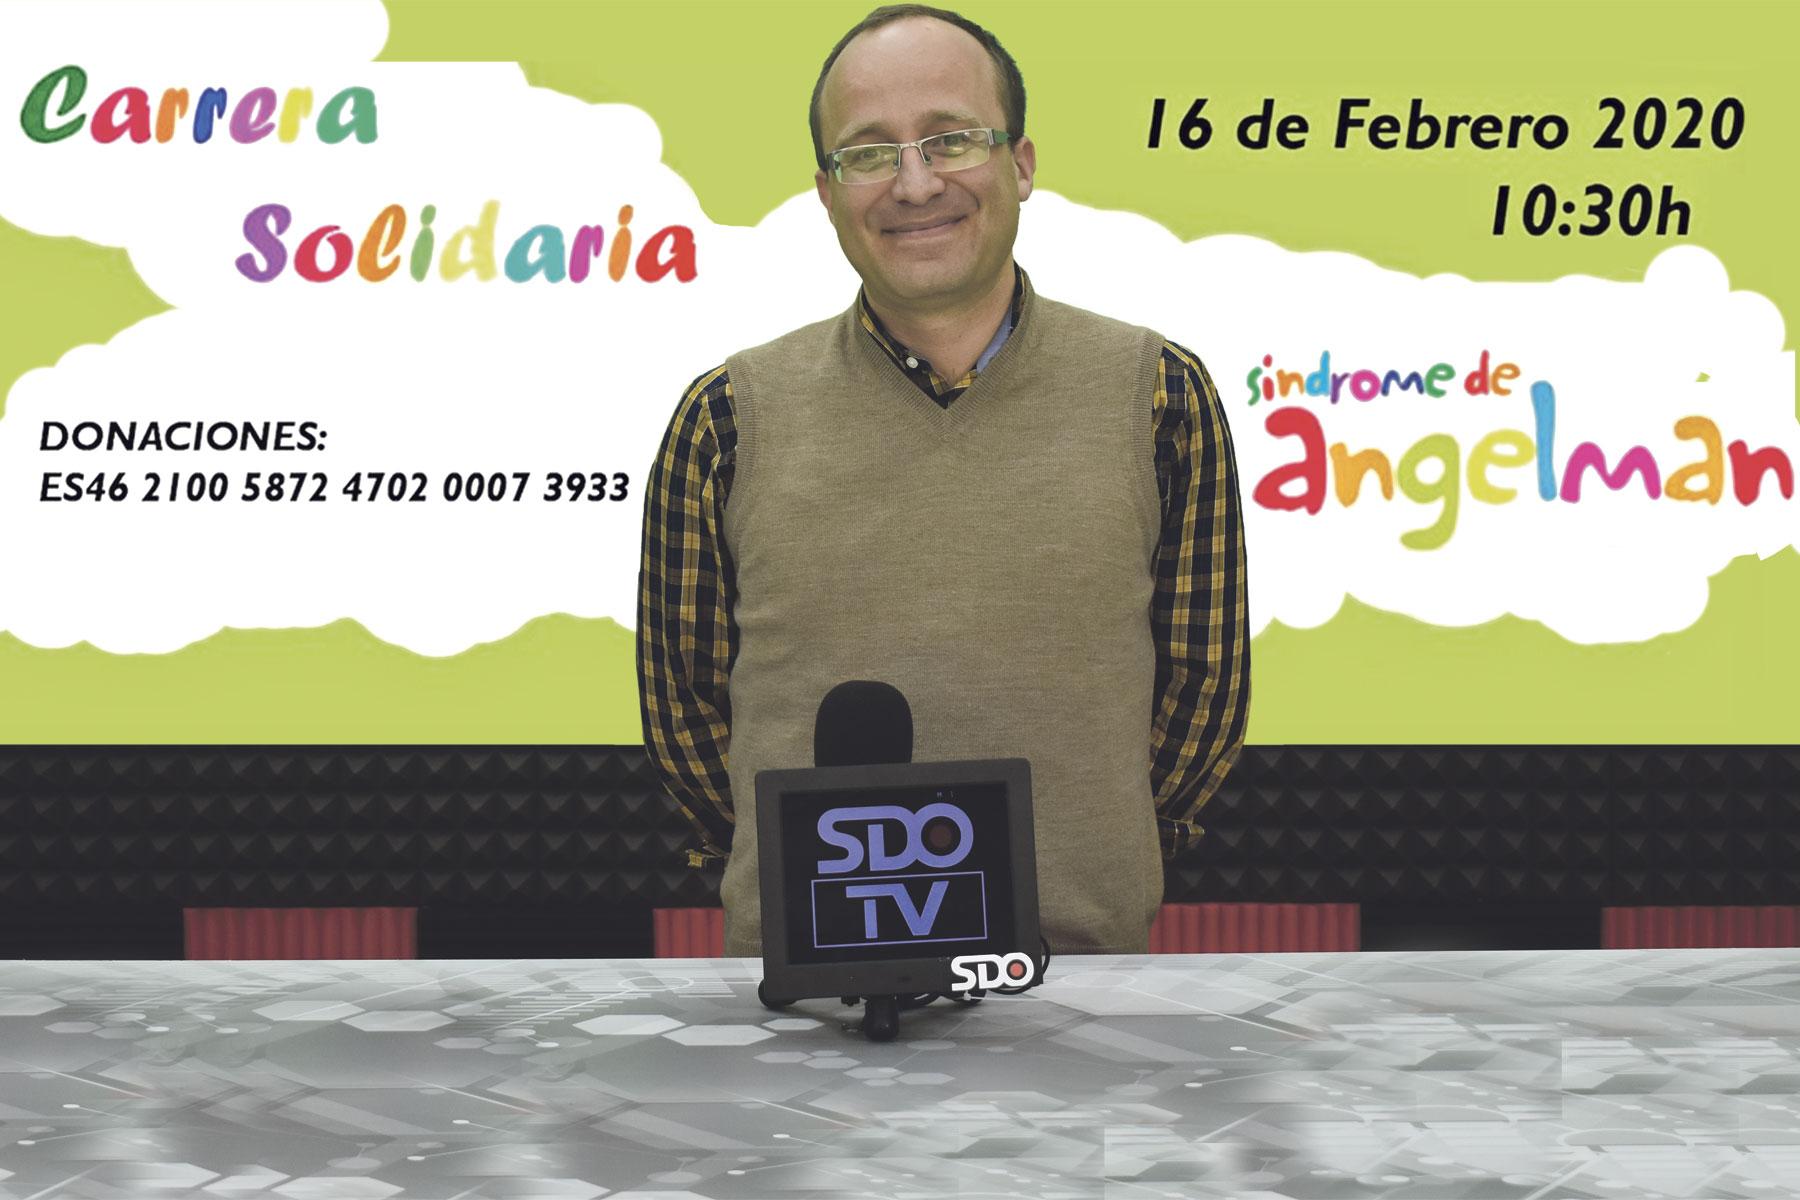 La Asociación Síndrome de Angelman de España organiza una carrera en nuestro municipio para el próximo 16 de febrero